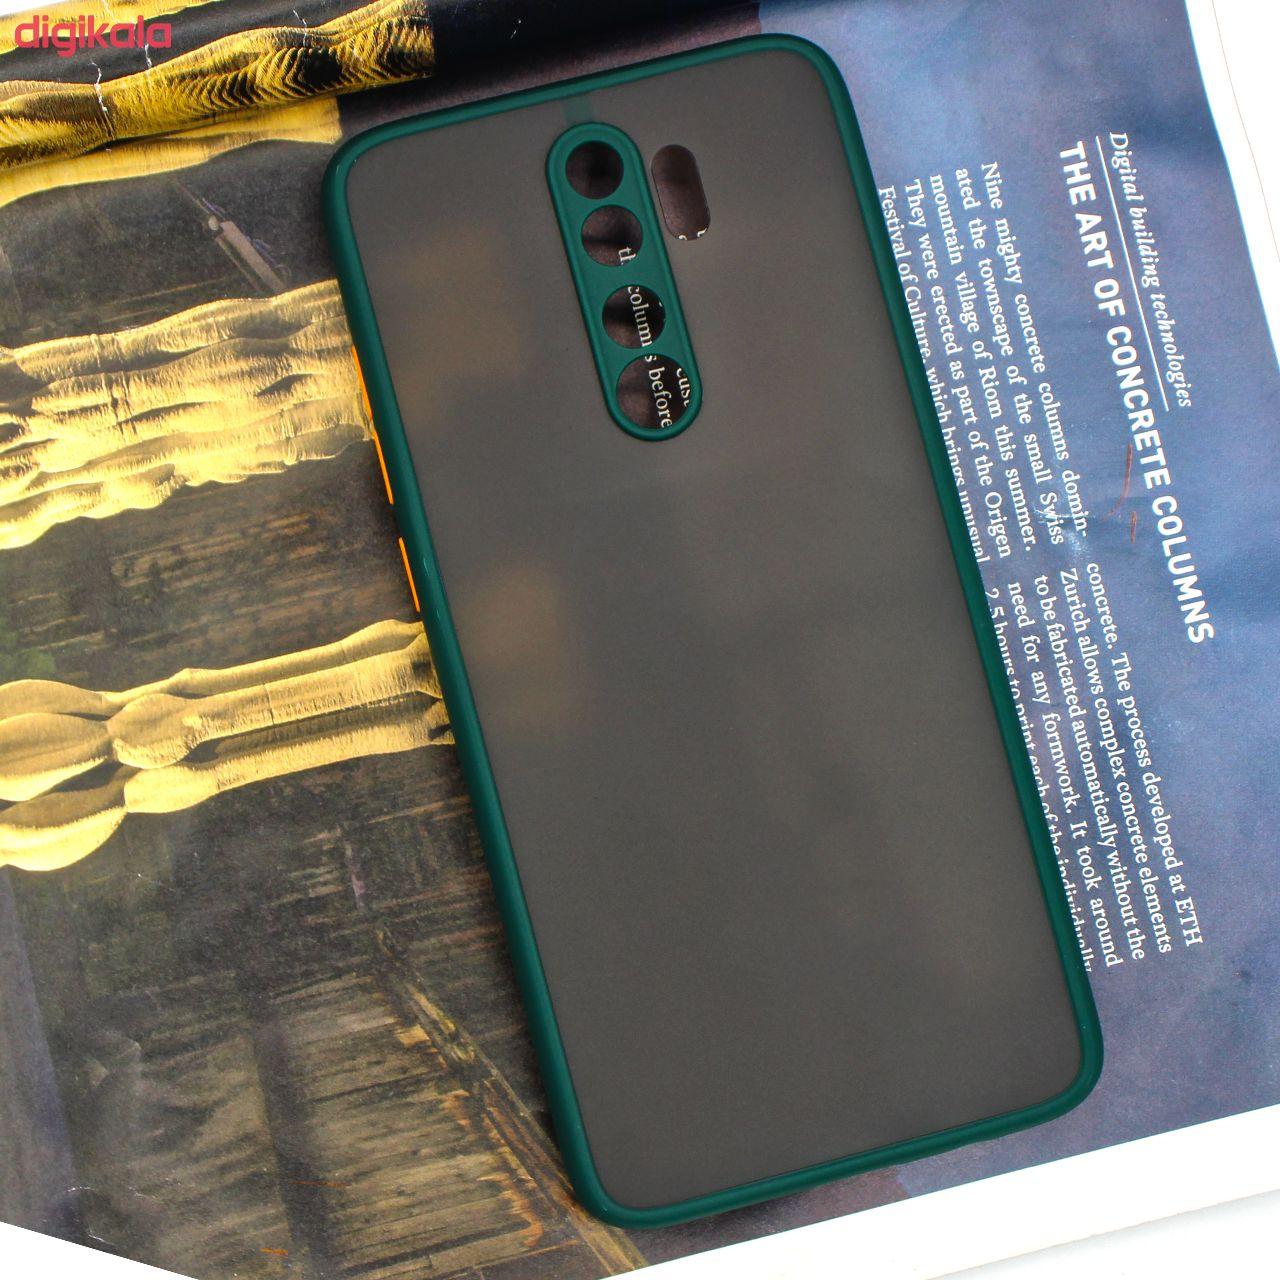 کاور کینگ پاور مدل M22 مناسب برای گوشی موبایل شیائومی Redmi Note 8 Pro main 1 14